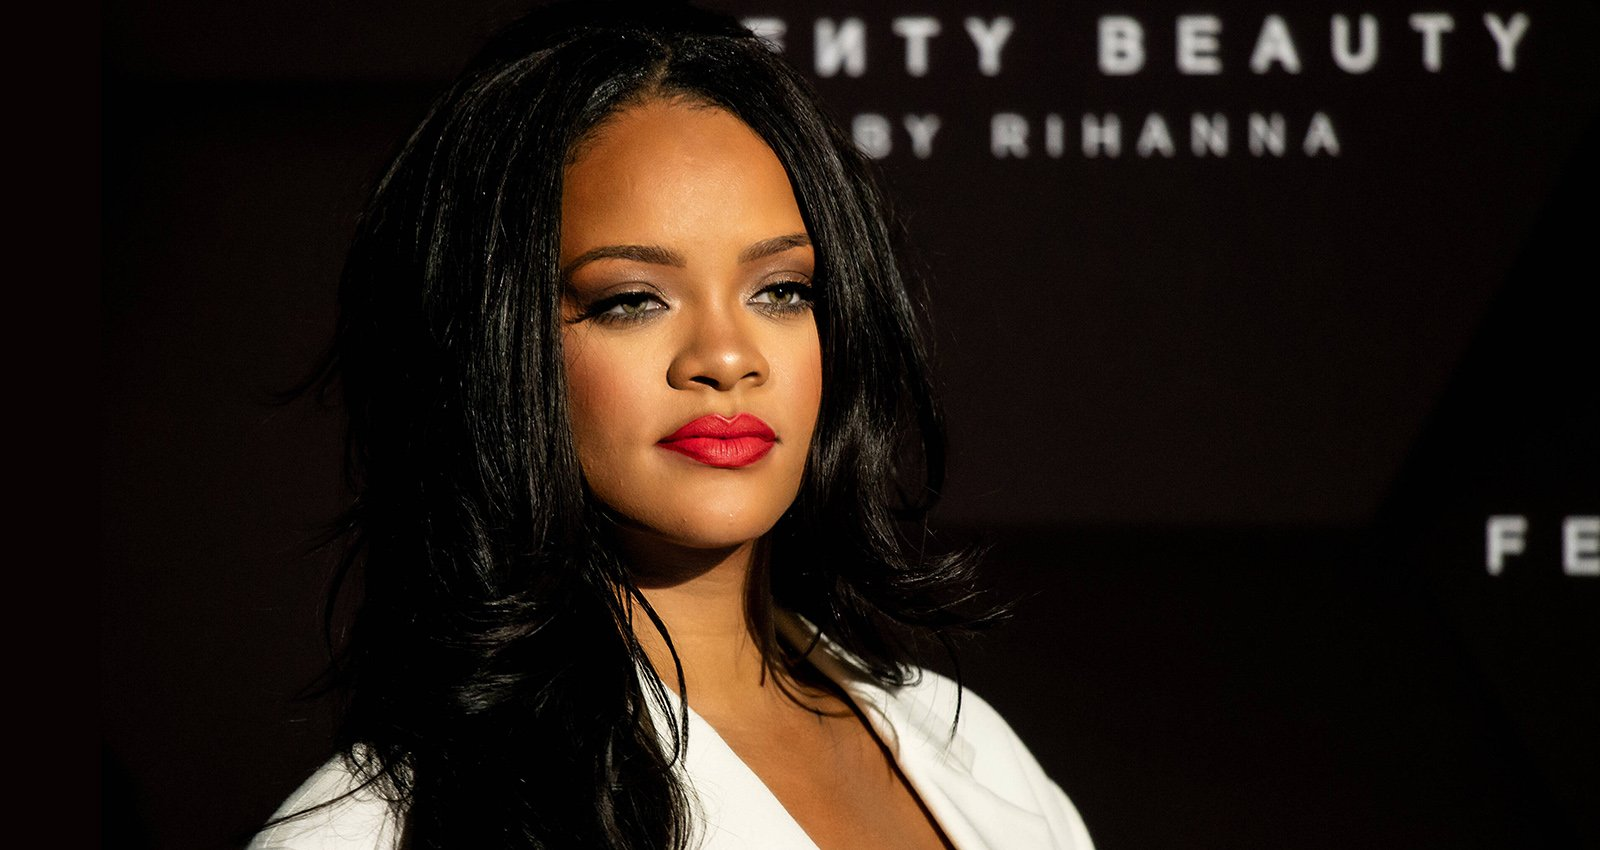 Es ist offiziell: Rihanna ist die reichste Sängerin der Welt